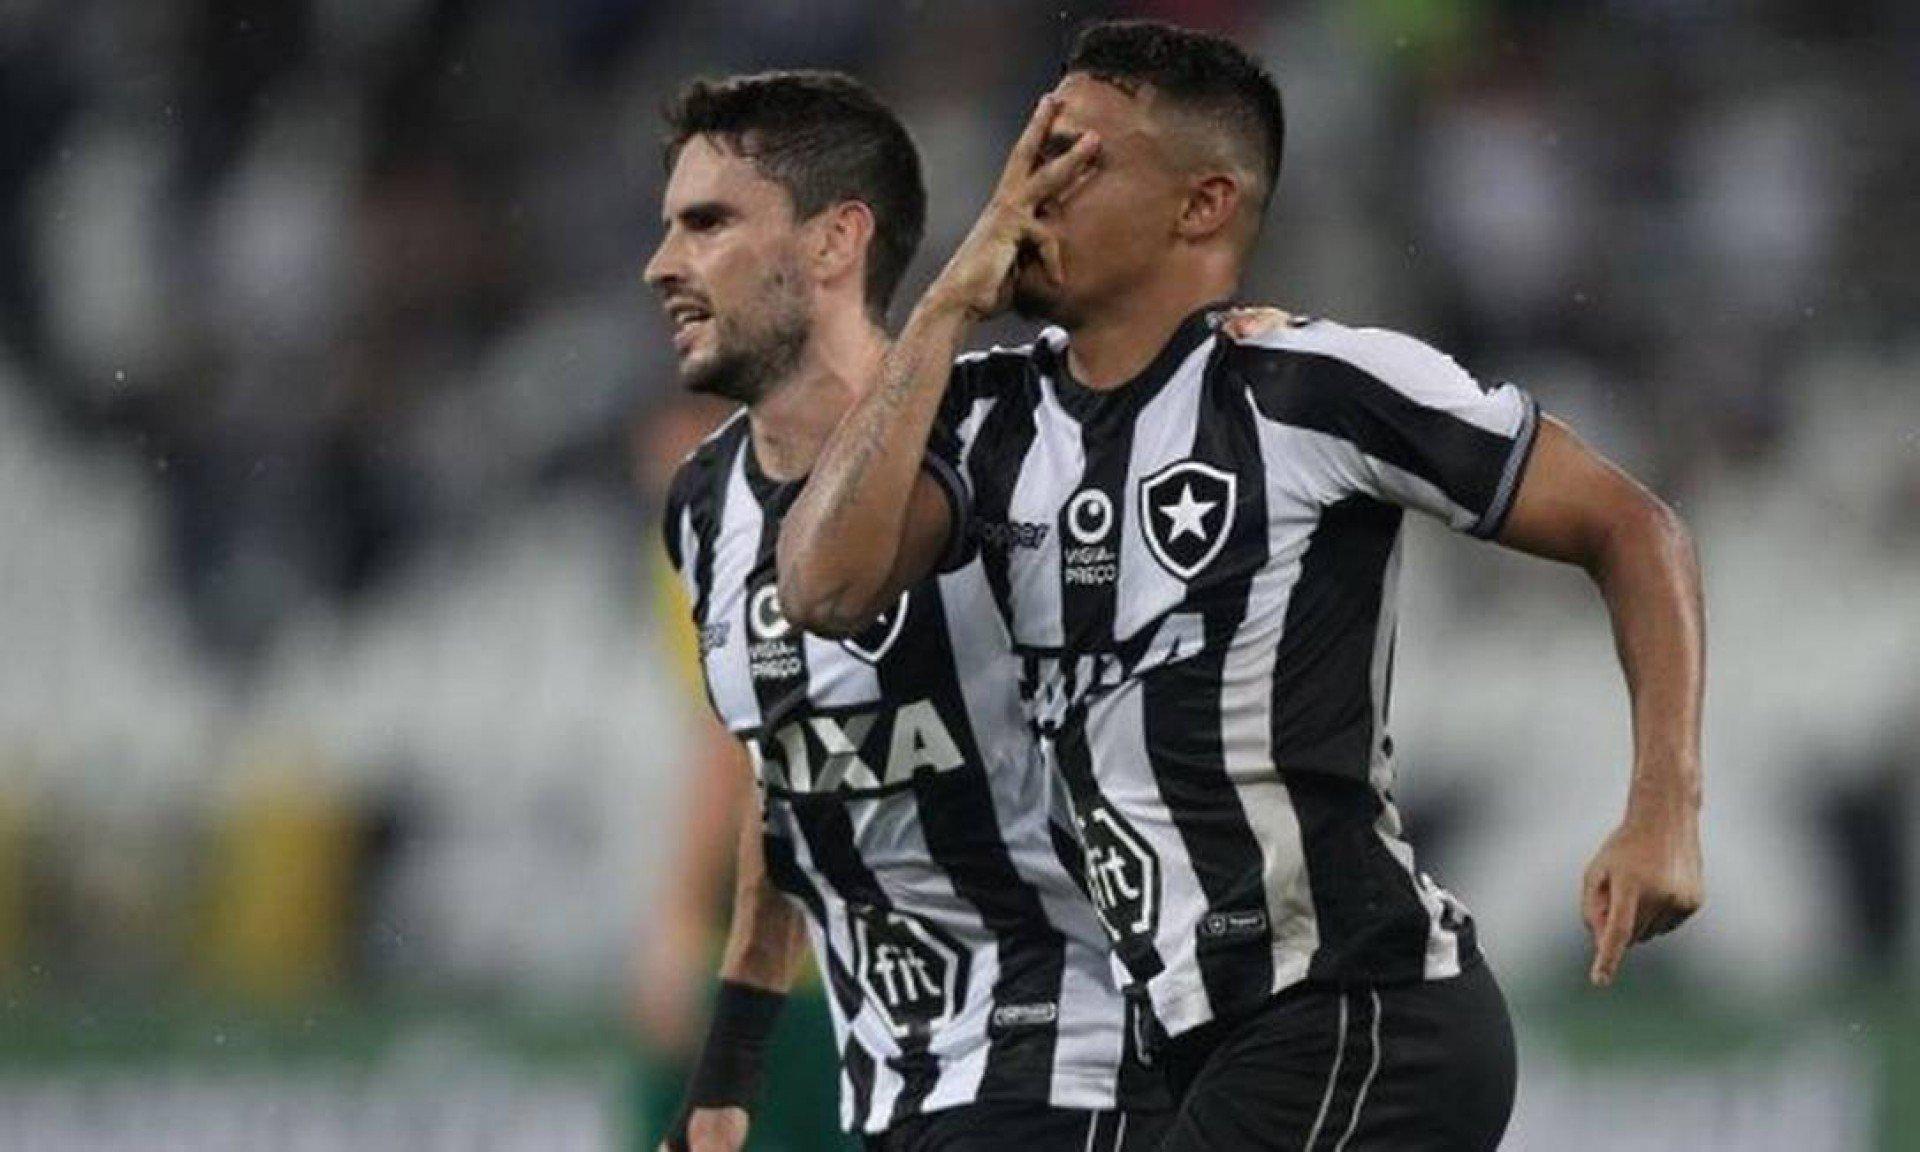 Ex-atacante do Botafogo se declara ao clube e revela desejo de retorno: 'Espero que aconteça em alto nível'